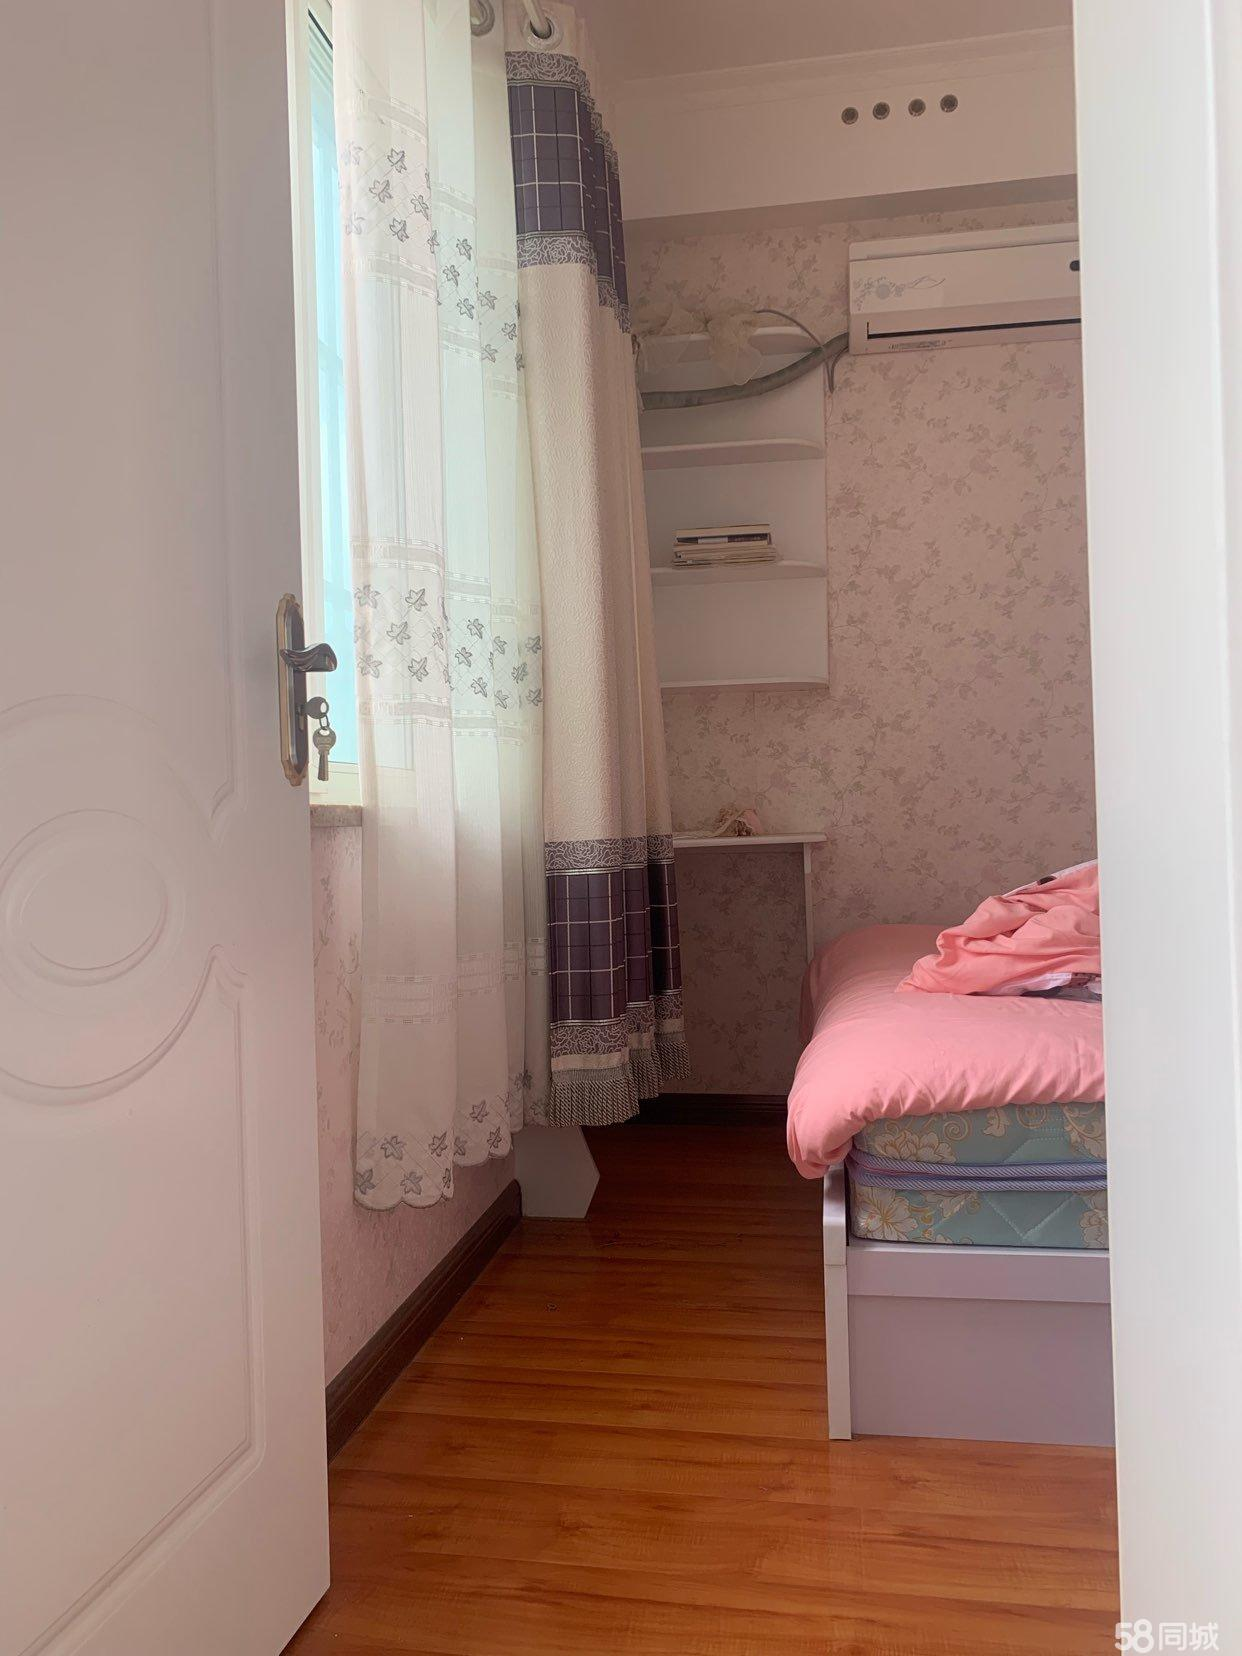 錦繡苑精裝房,二室一廳一衛,家具家電全帶,急售